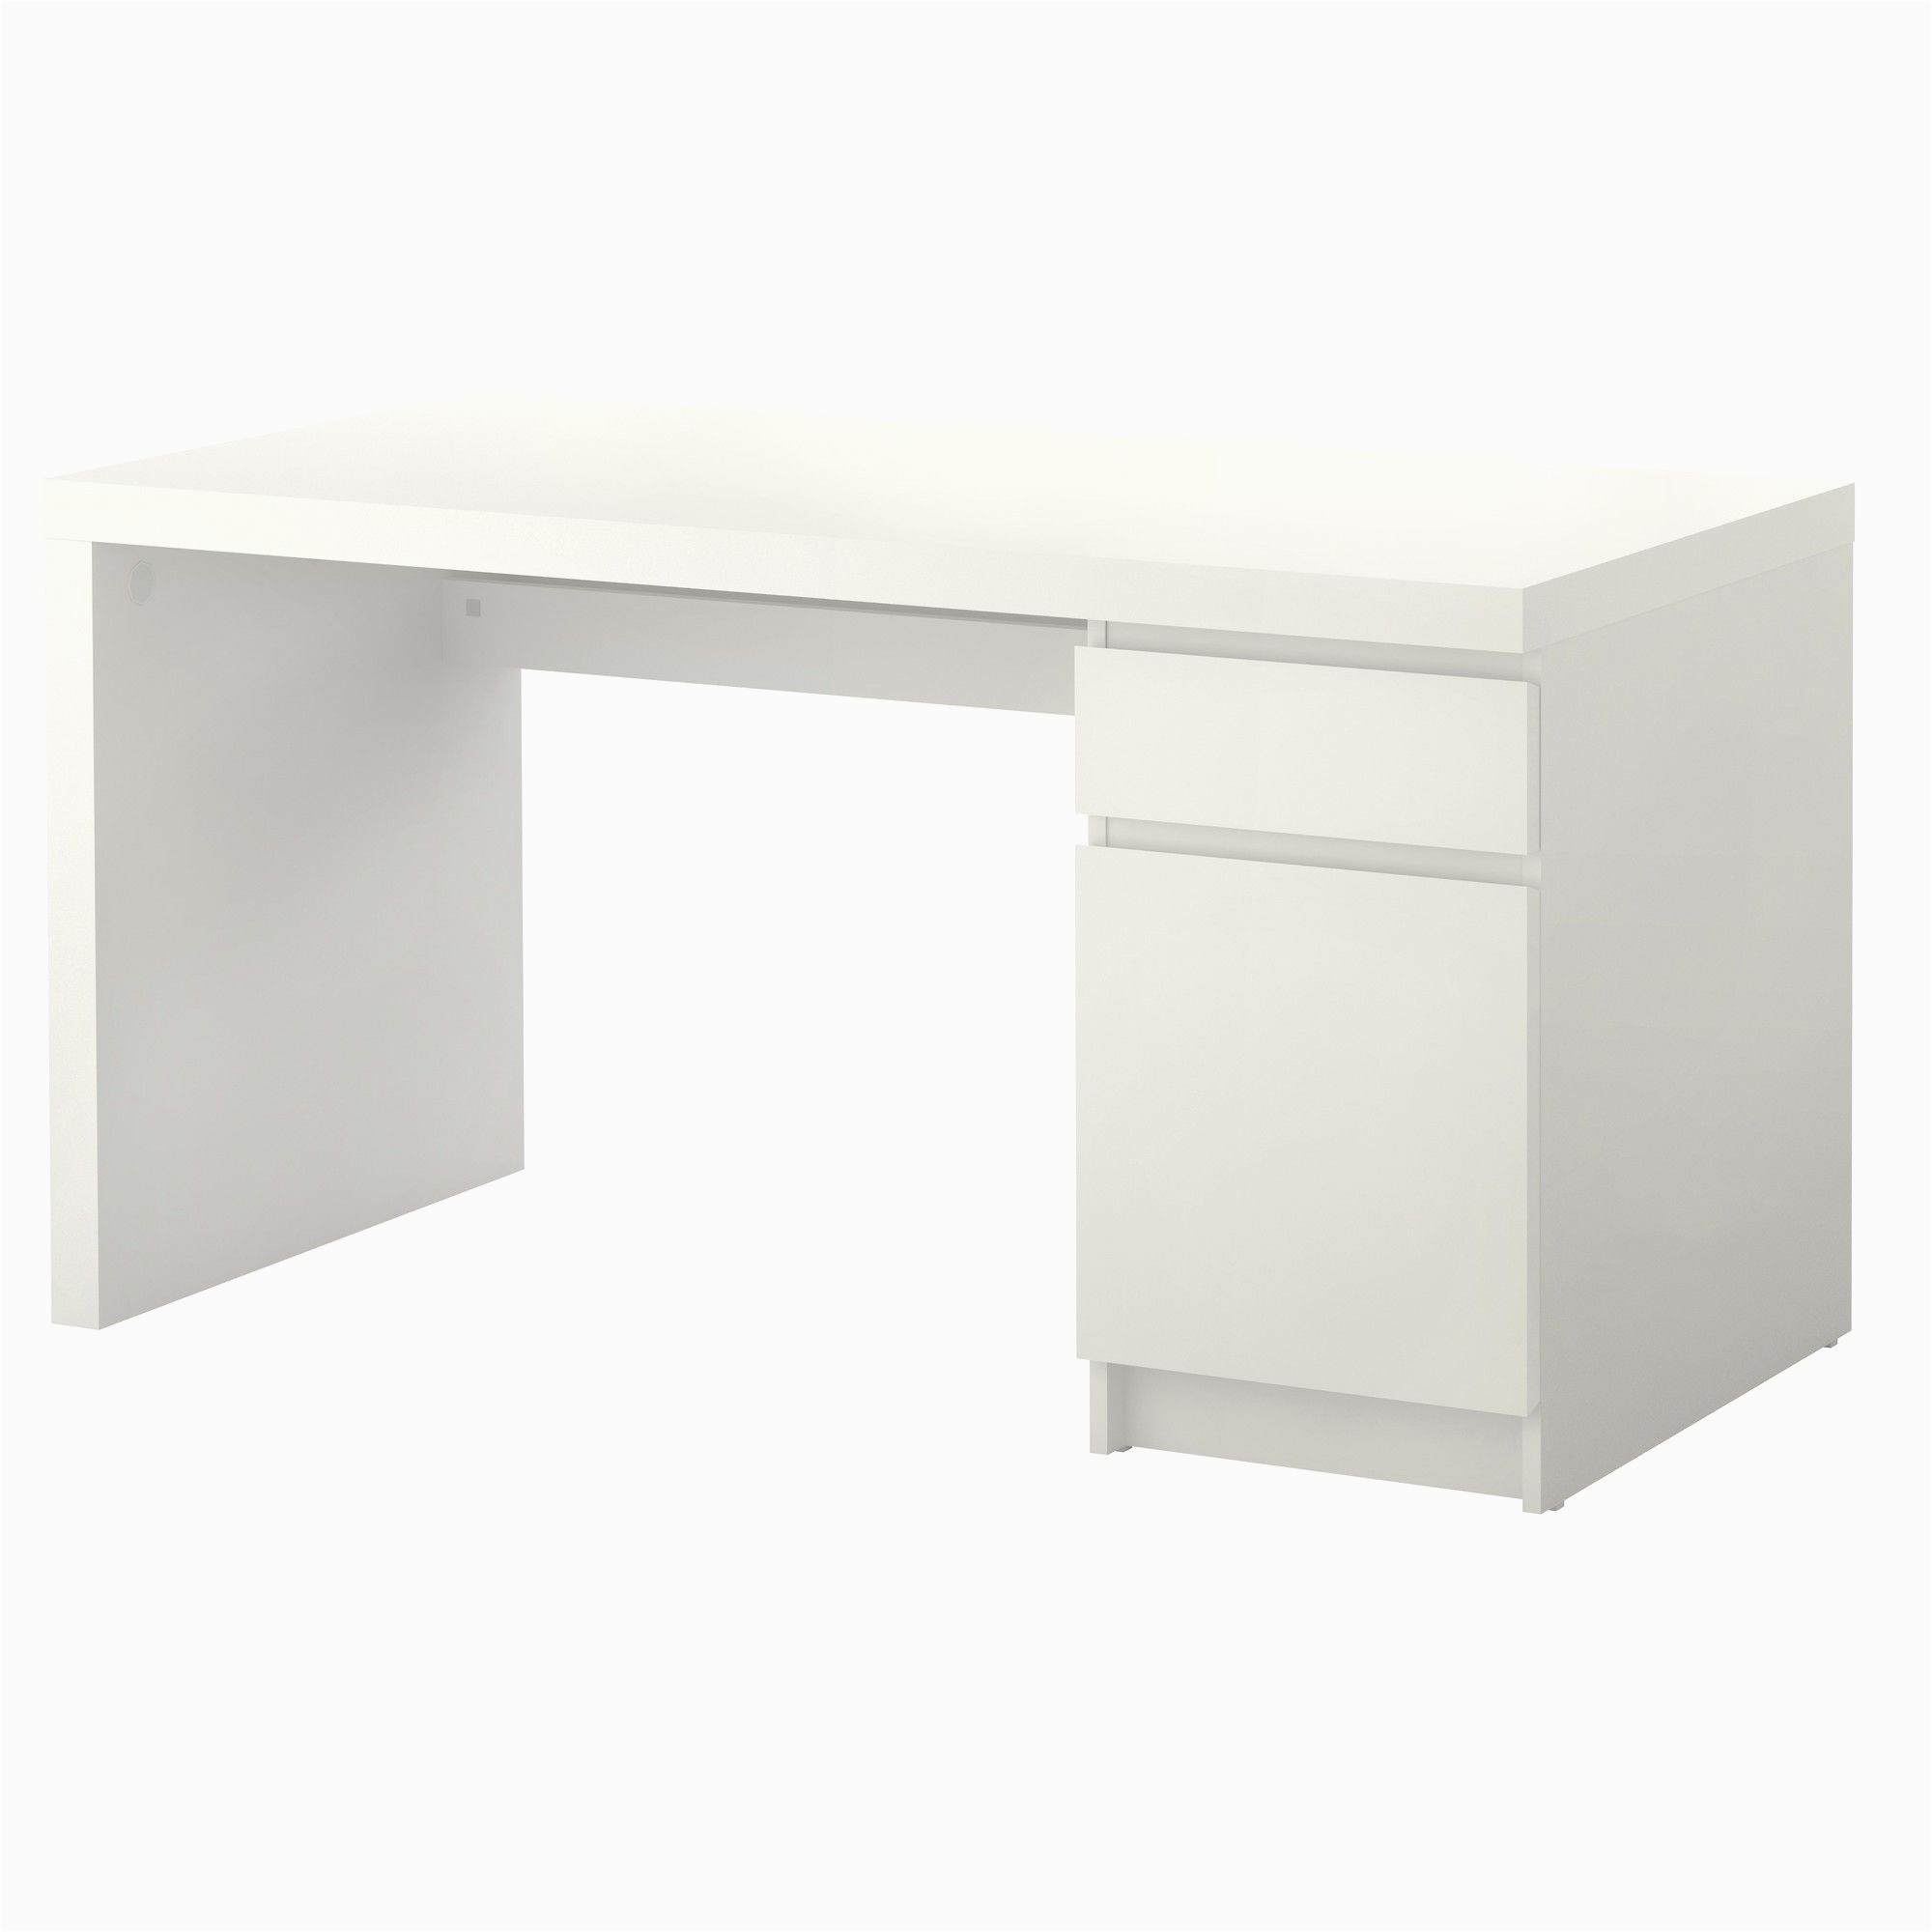 Küche Weiß Gebraucht 10 Gaming Stuhl Weiß Frisch